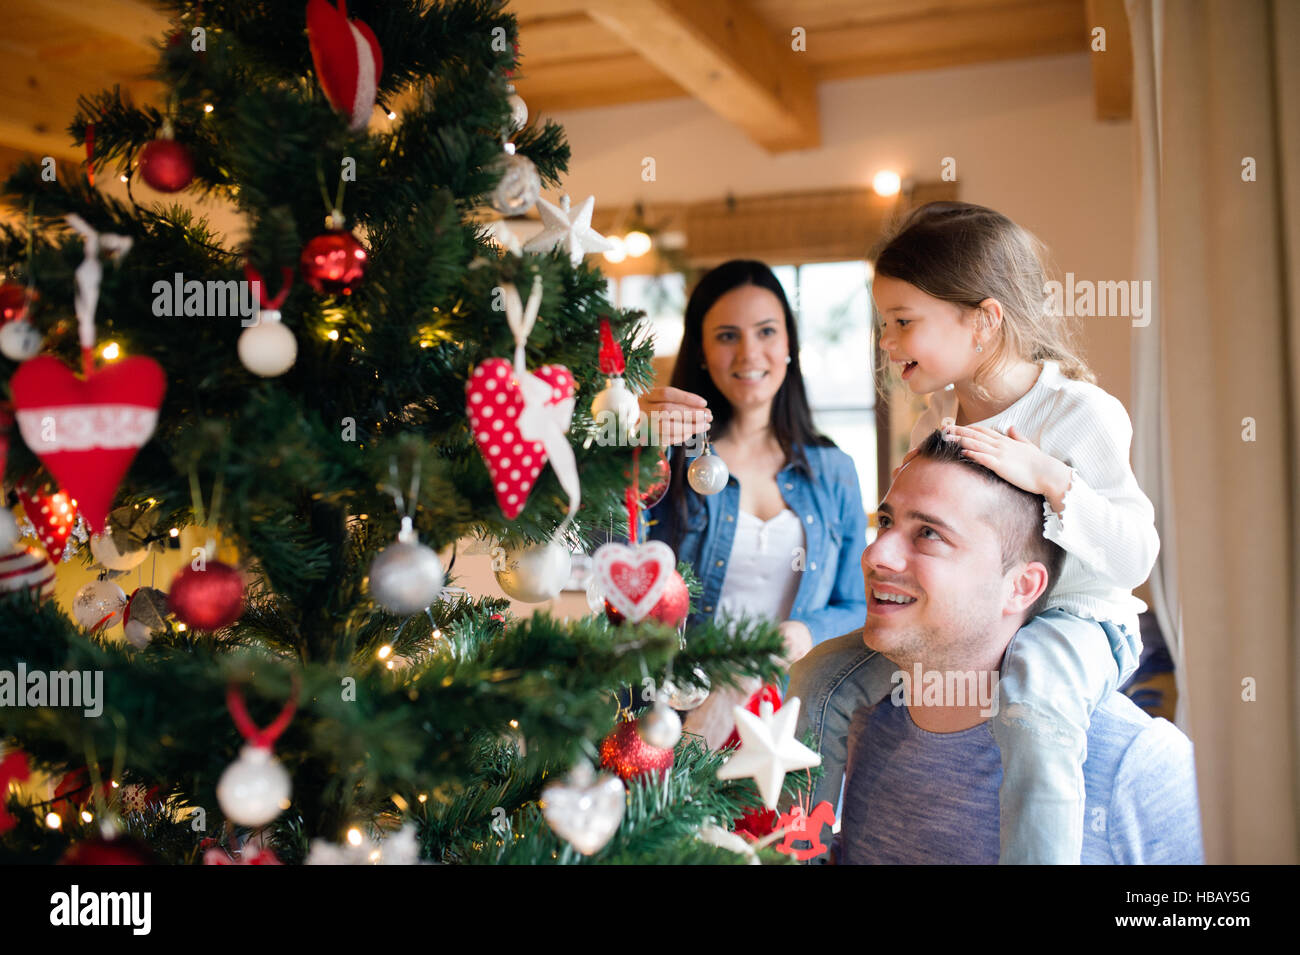 Foto Di Natale Famiglia.Famiglia Giovane Con Daugter Ad Albero Di Natale A Casa Foto